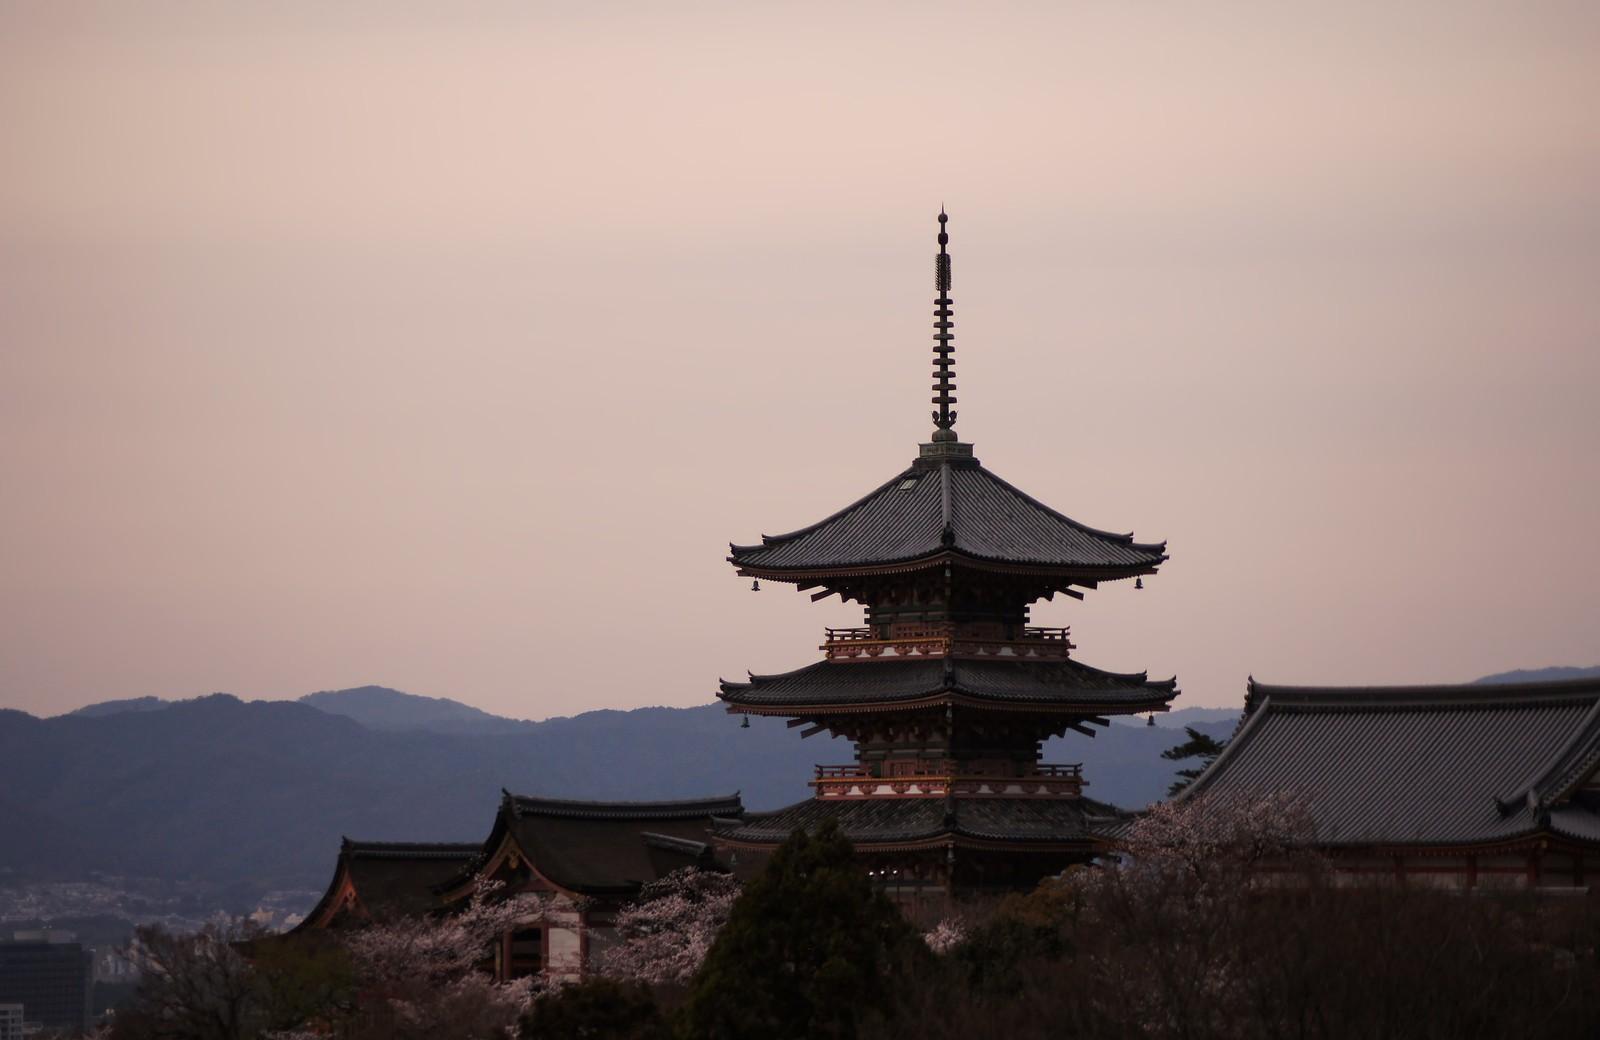 【京都】鈴虫寺の御朱印まとめ!種類や時間に御朱印帳もご紹介!